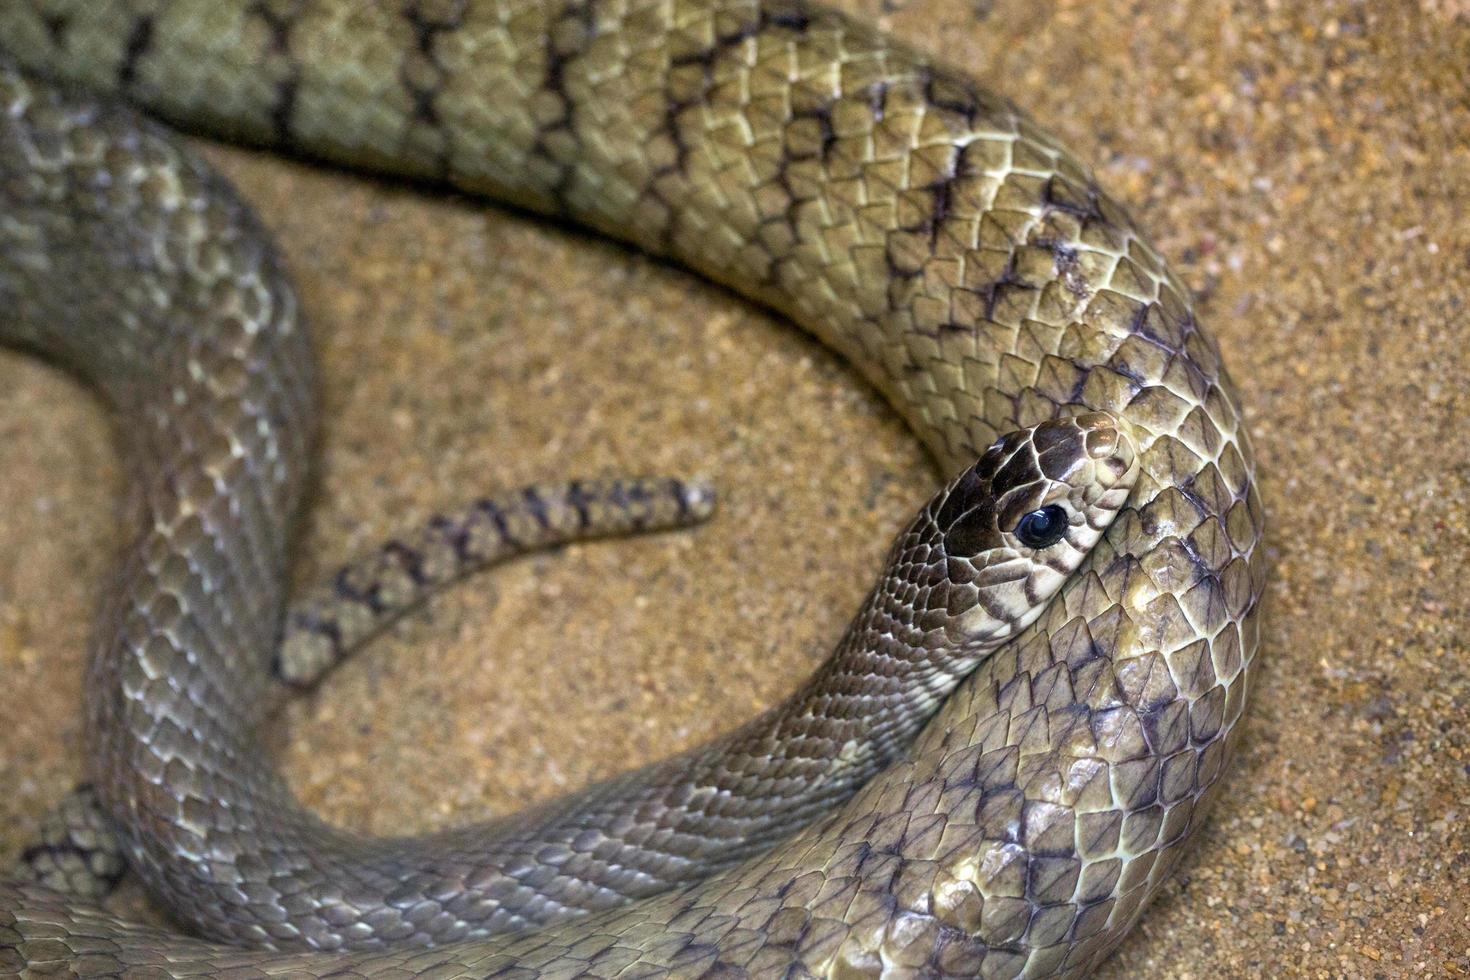 serpente di ratto orientale sulla sabbia. foto